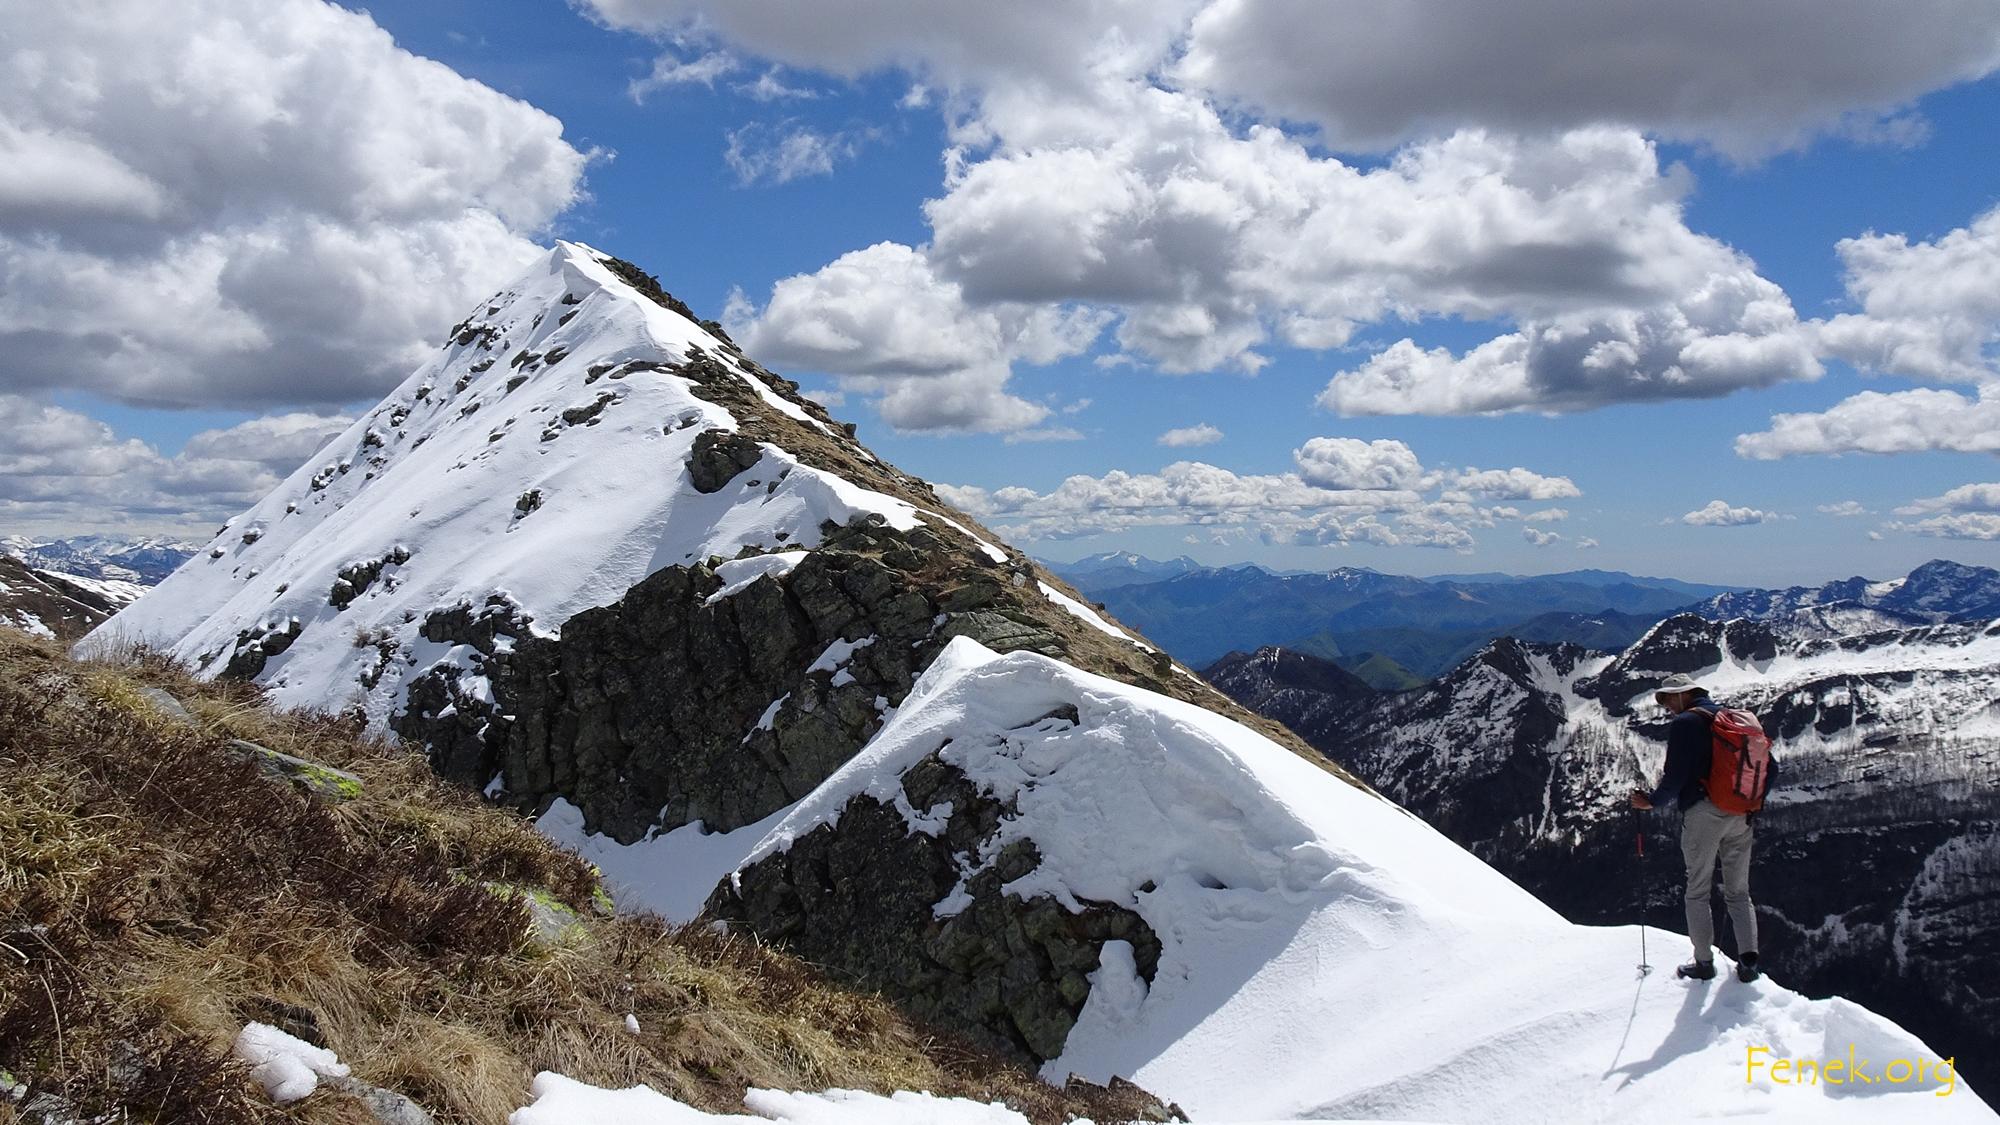 kurze ausgesetzte Passage im Schnee